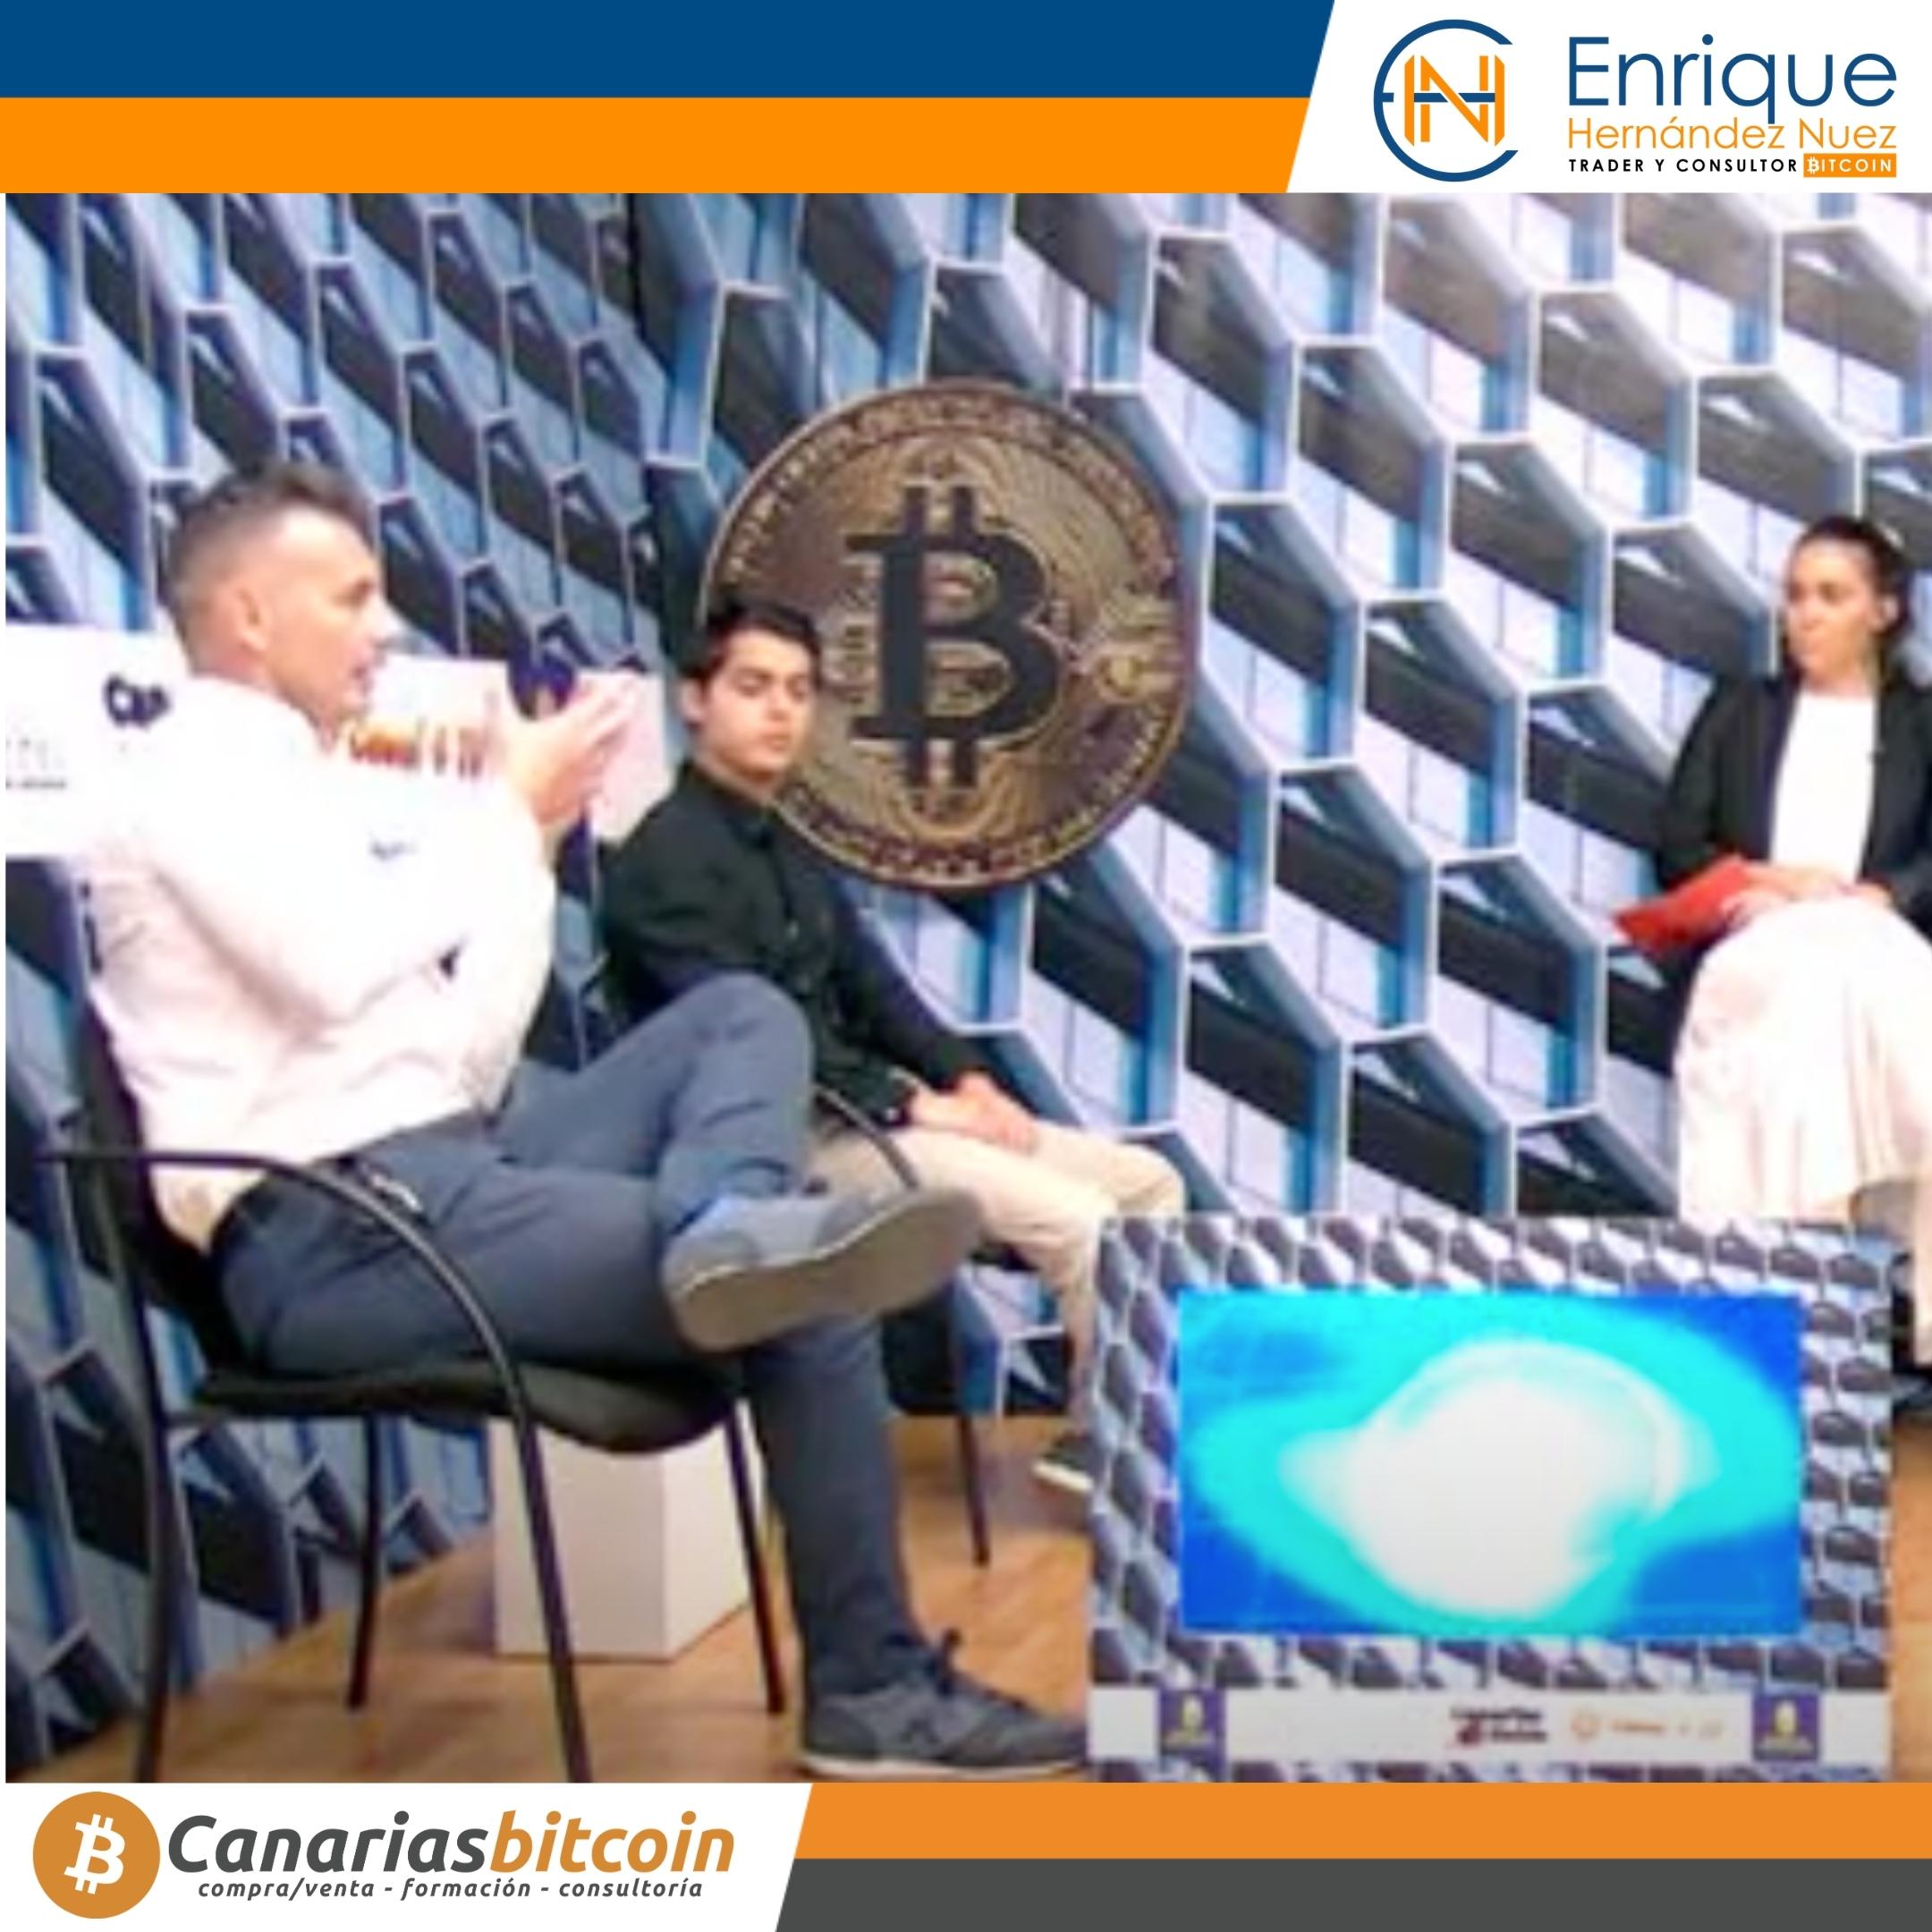 Tertulia sobre Bitcoin, blockchain y criptomonedas con Enrique Hernández Nuez